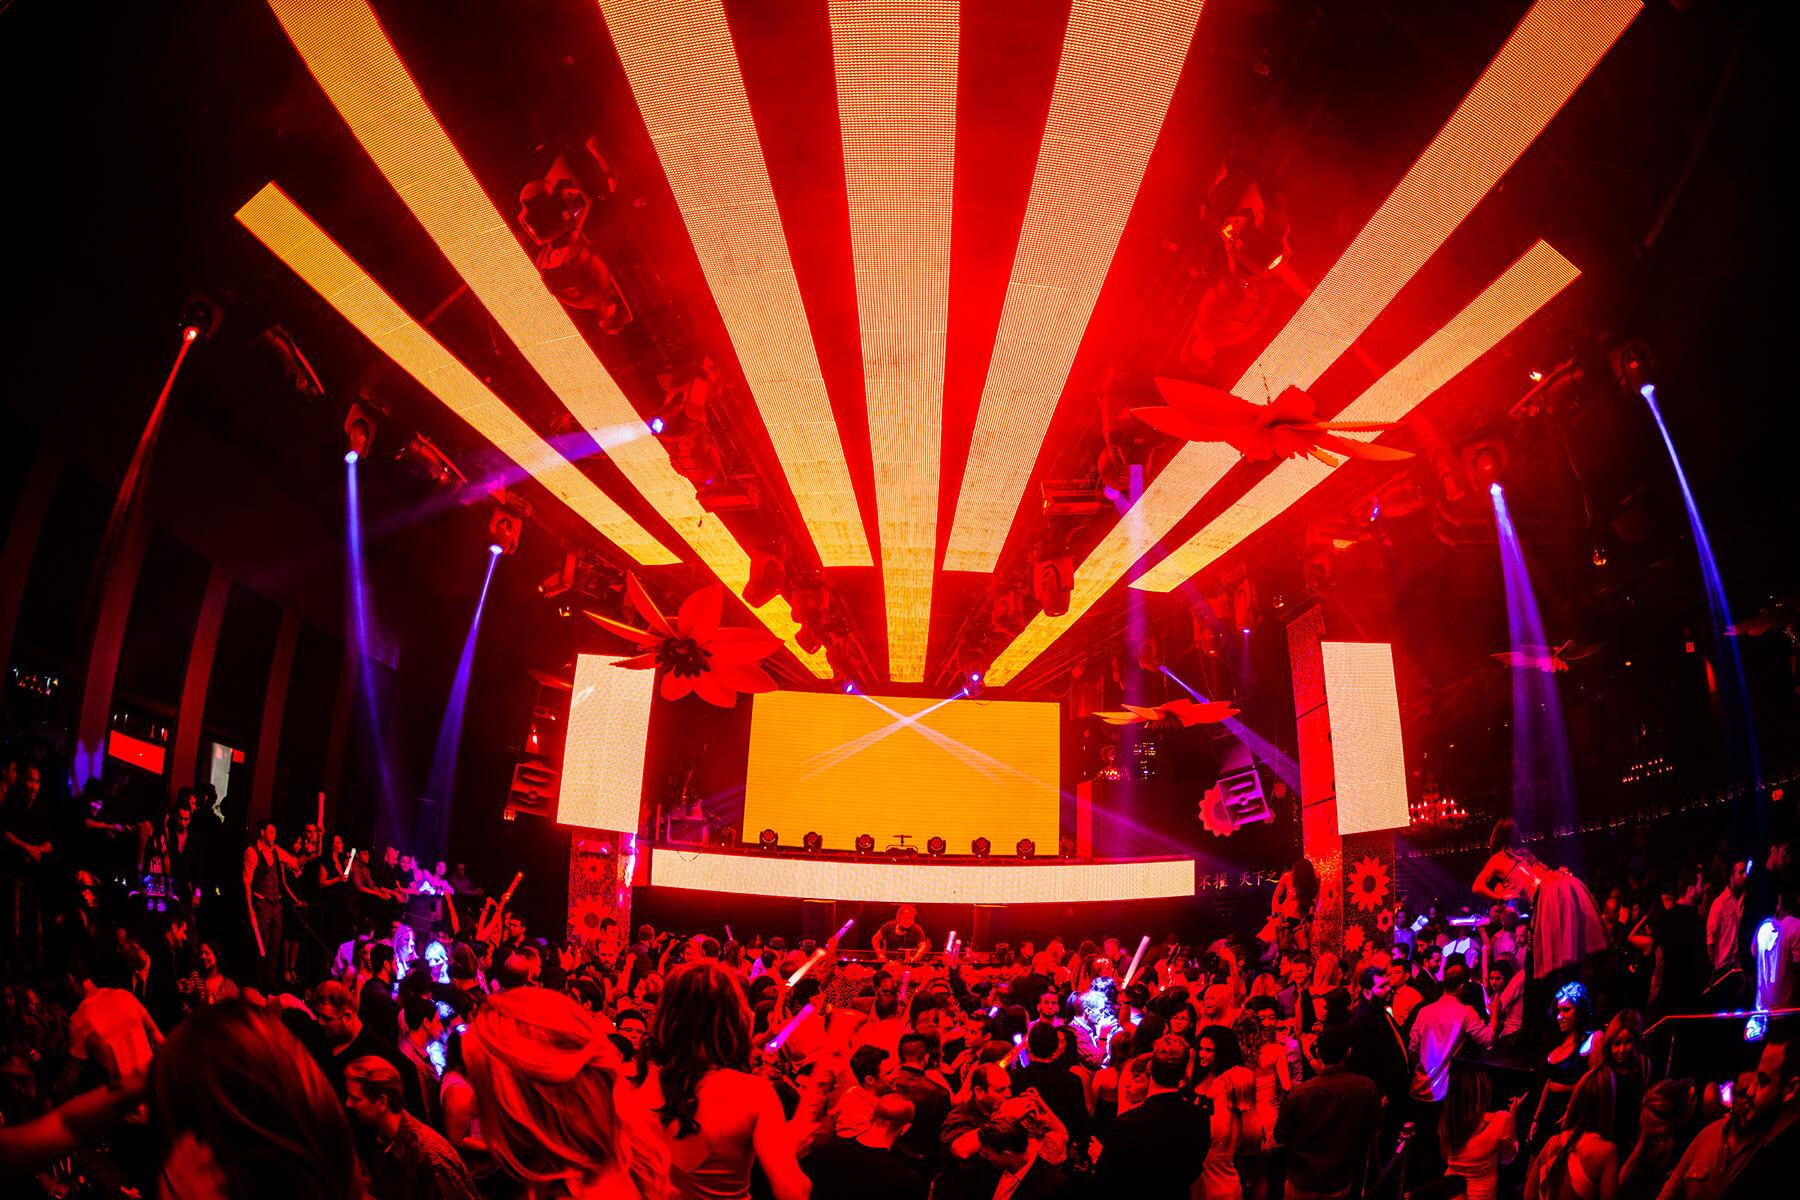 TAO_nightclub-2016-6.jpg